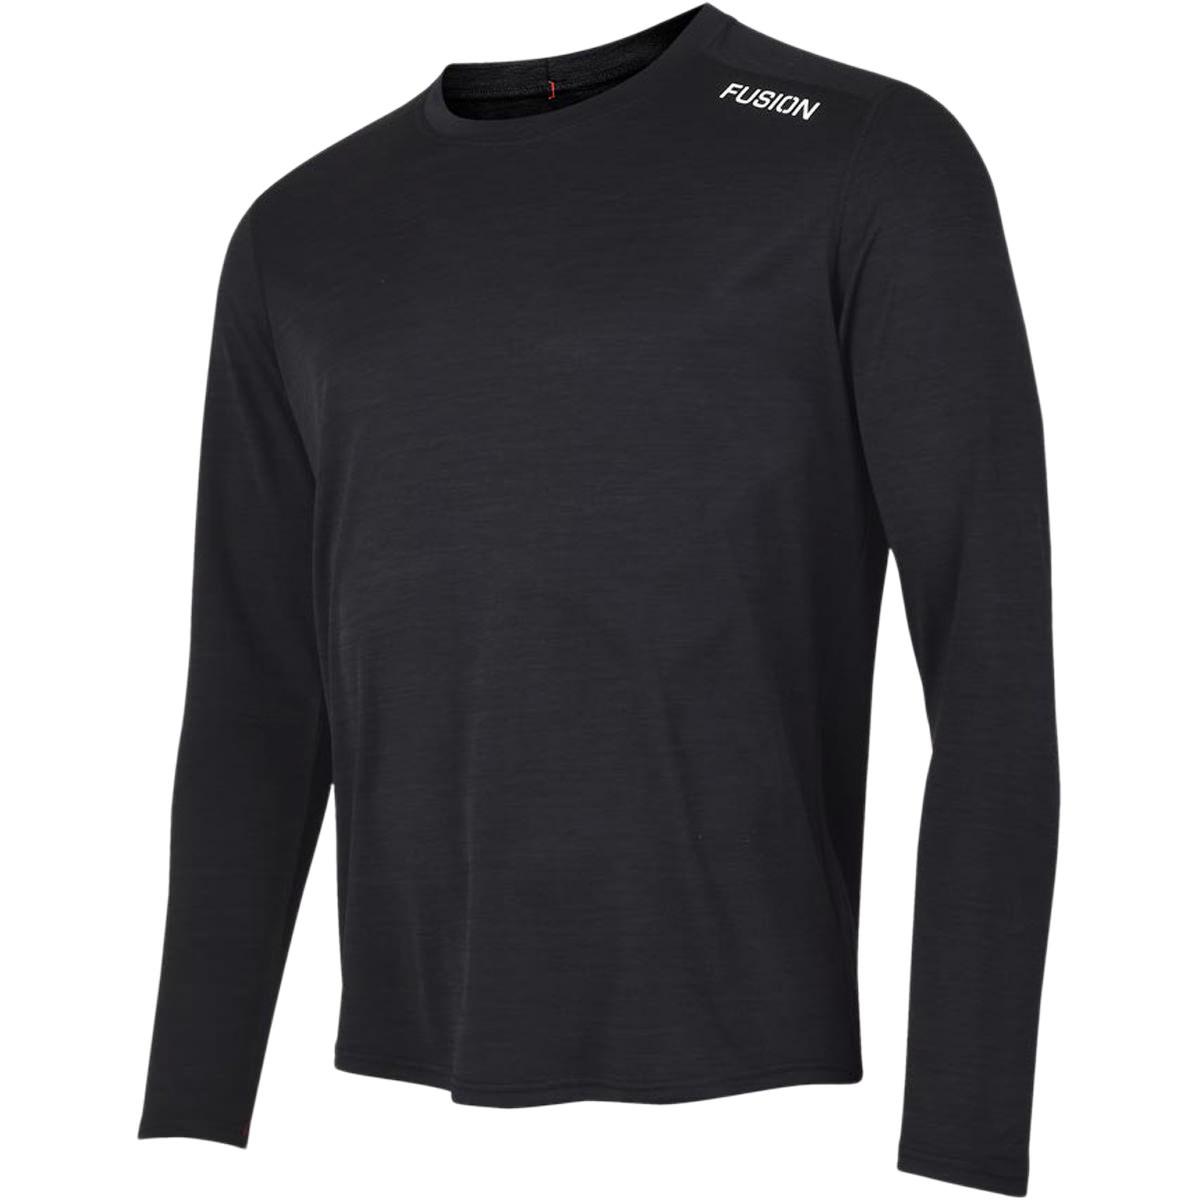 FUSION C3 Langærmet Løbe T-shirt Herre